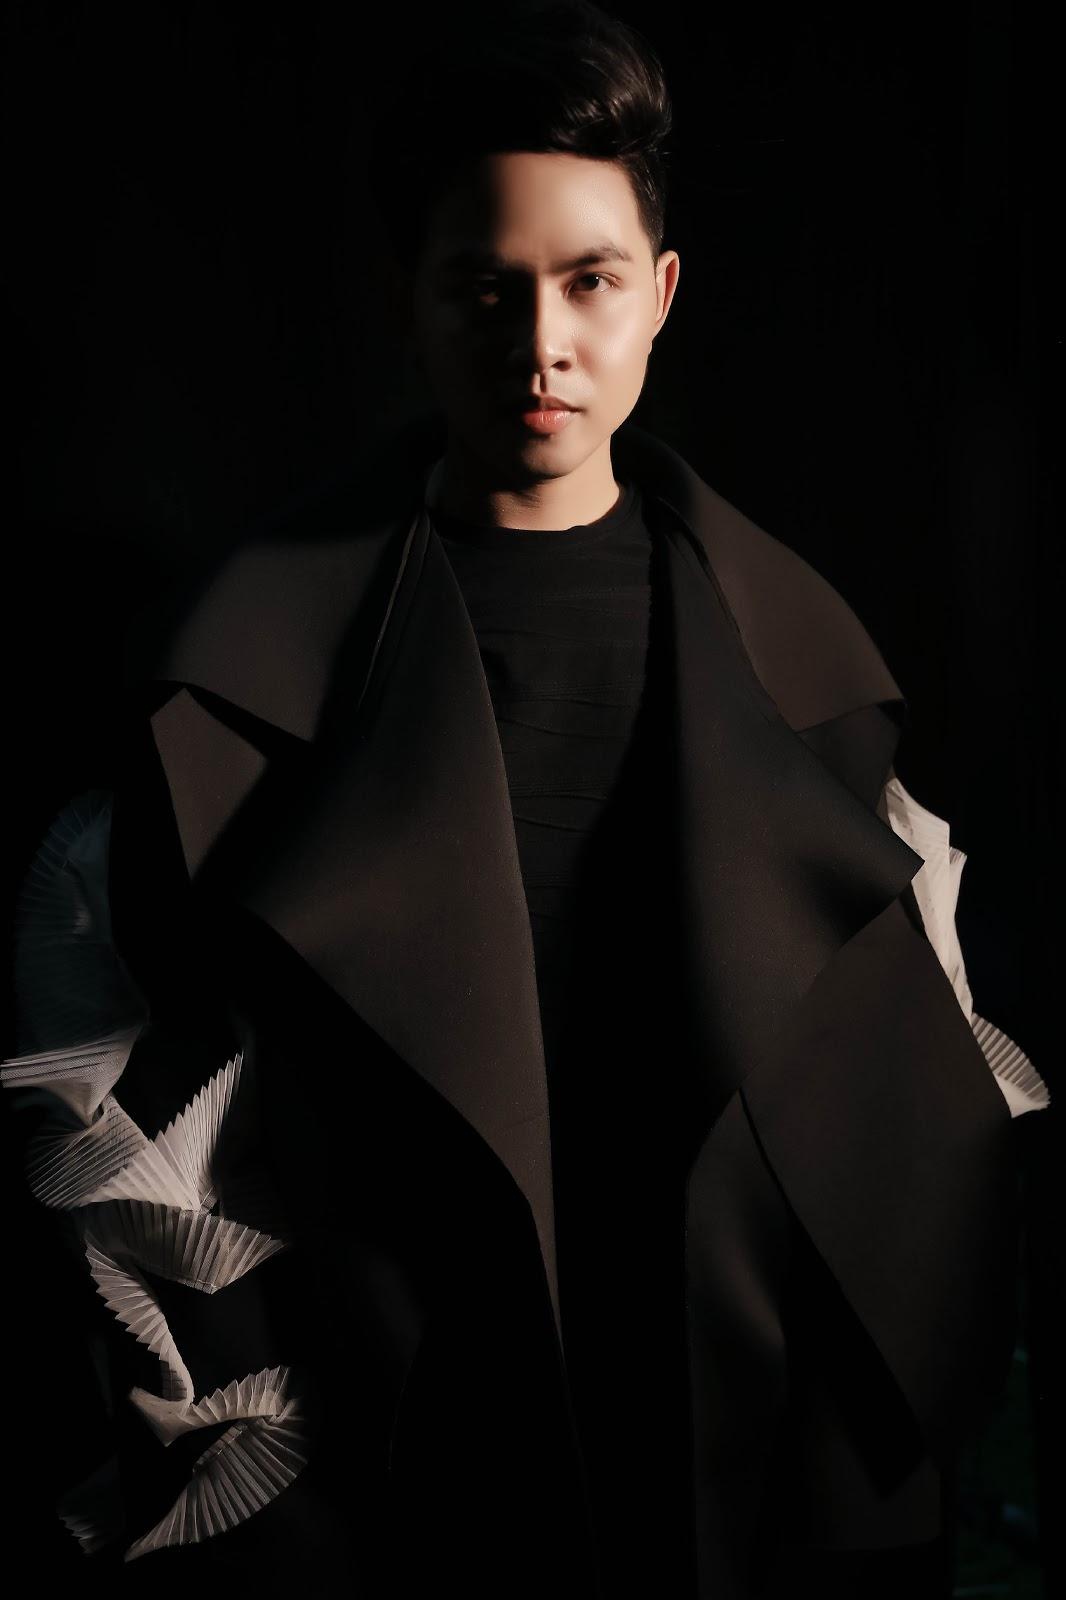 Sau AVIFW 2019, Chung Thanh Phong tiếp tục 'công phá' The Coco Fashion Show 2019 chủ đề Be Unique tại Đà Nẵng - Hình 2